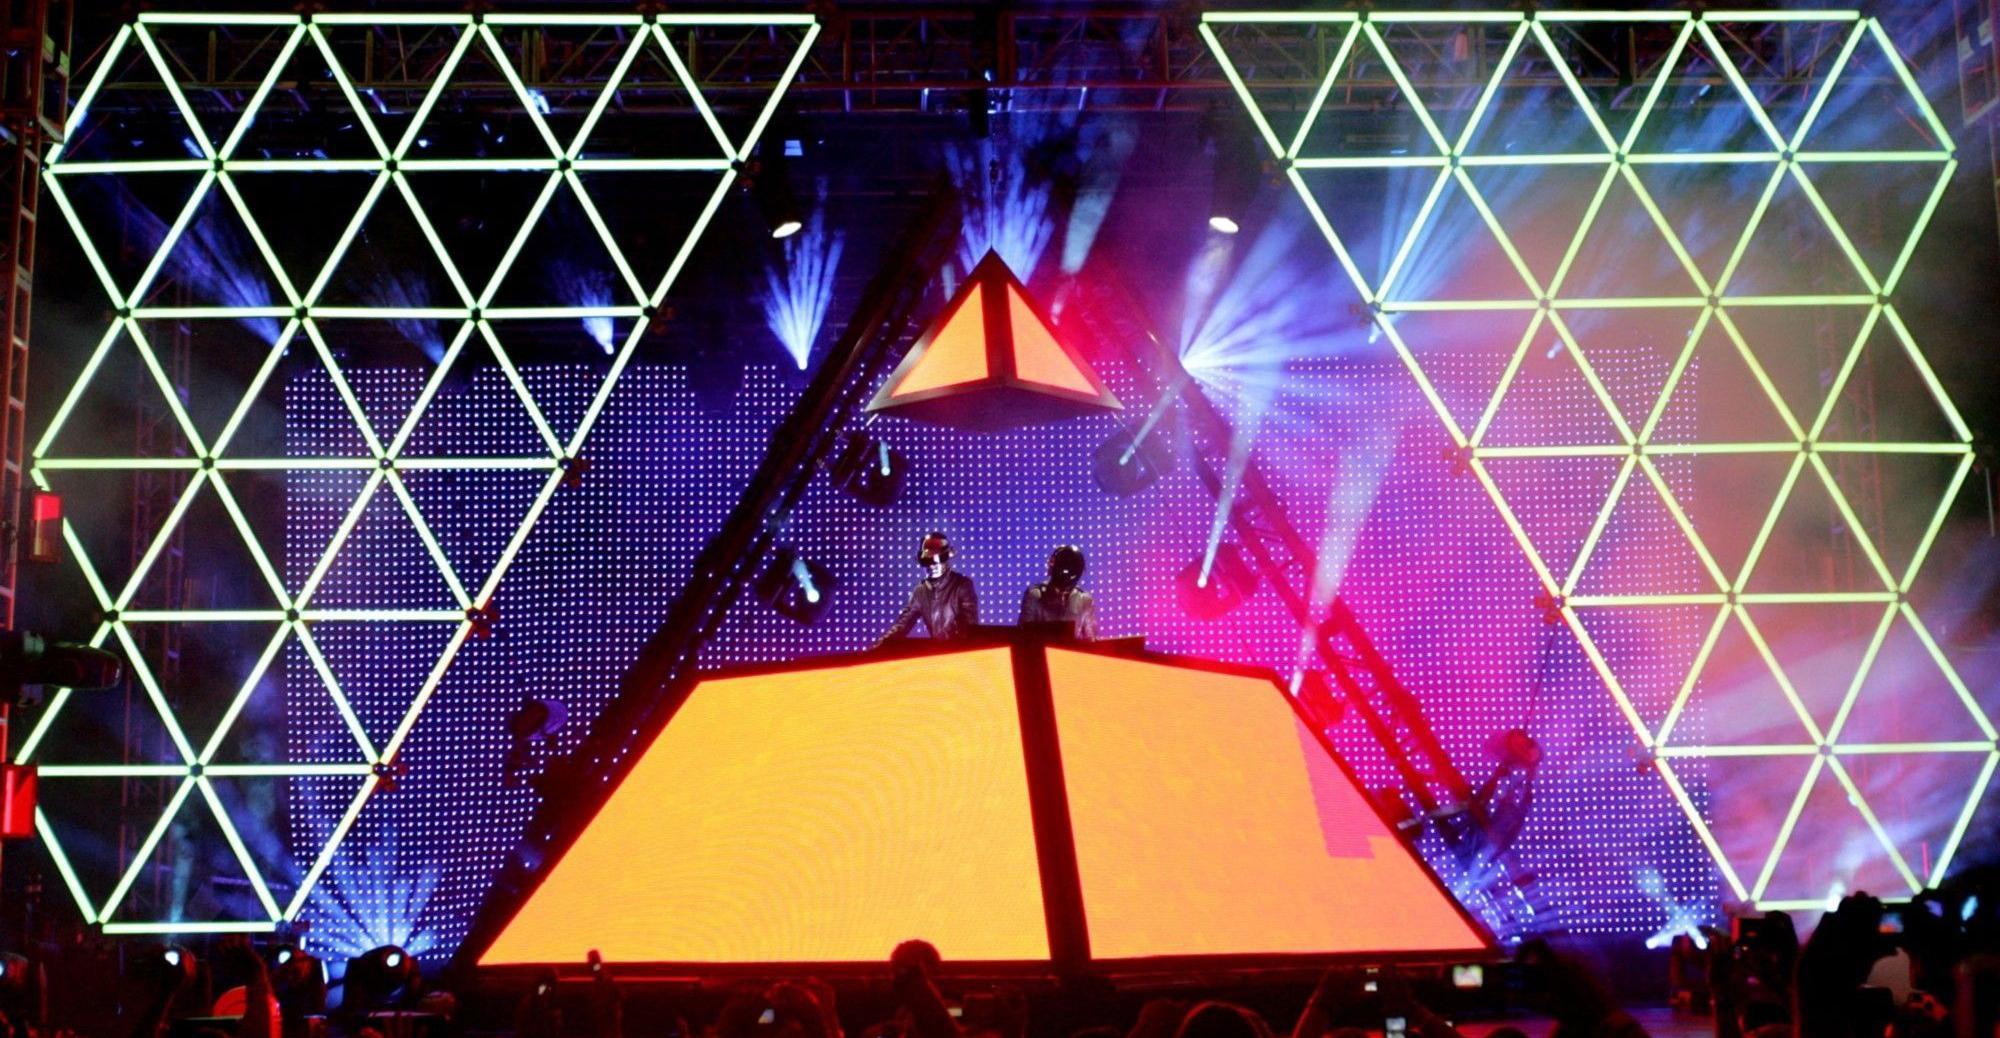 """La performance """"Alive"""" de Daft Punk en réalité virtuelle"""